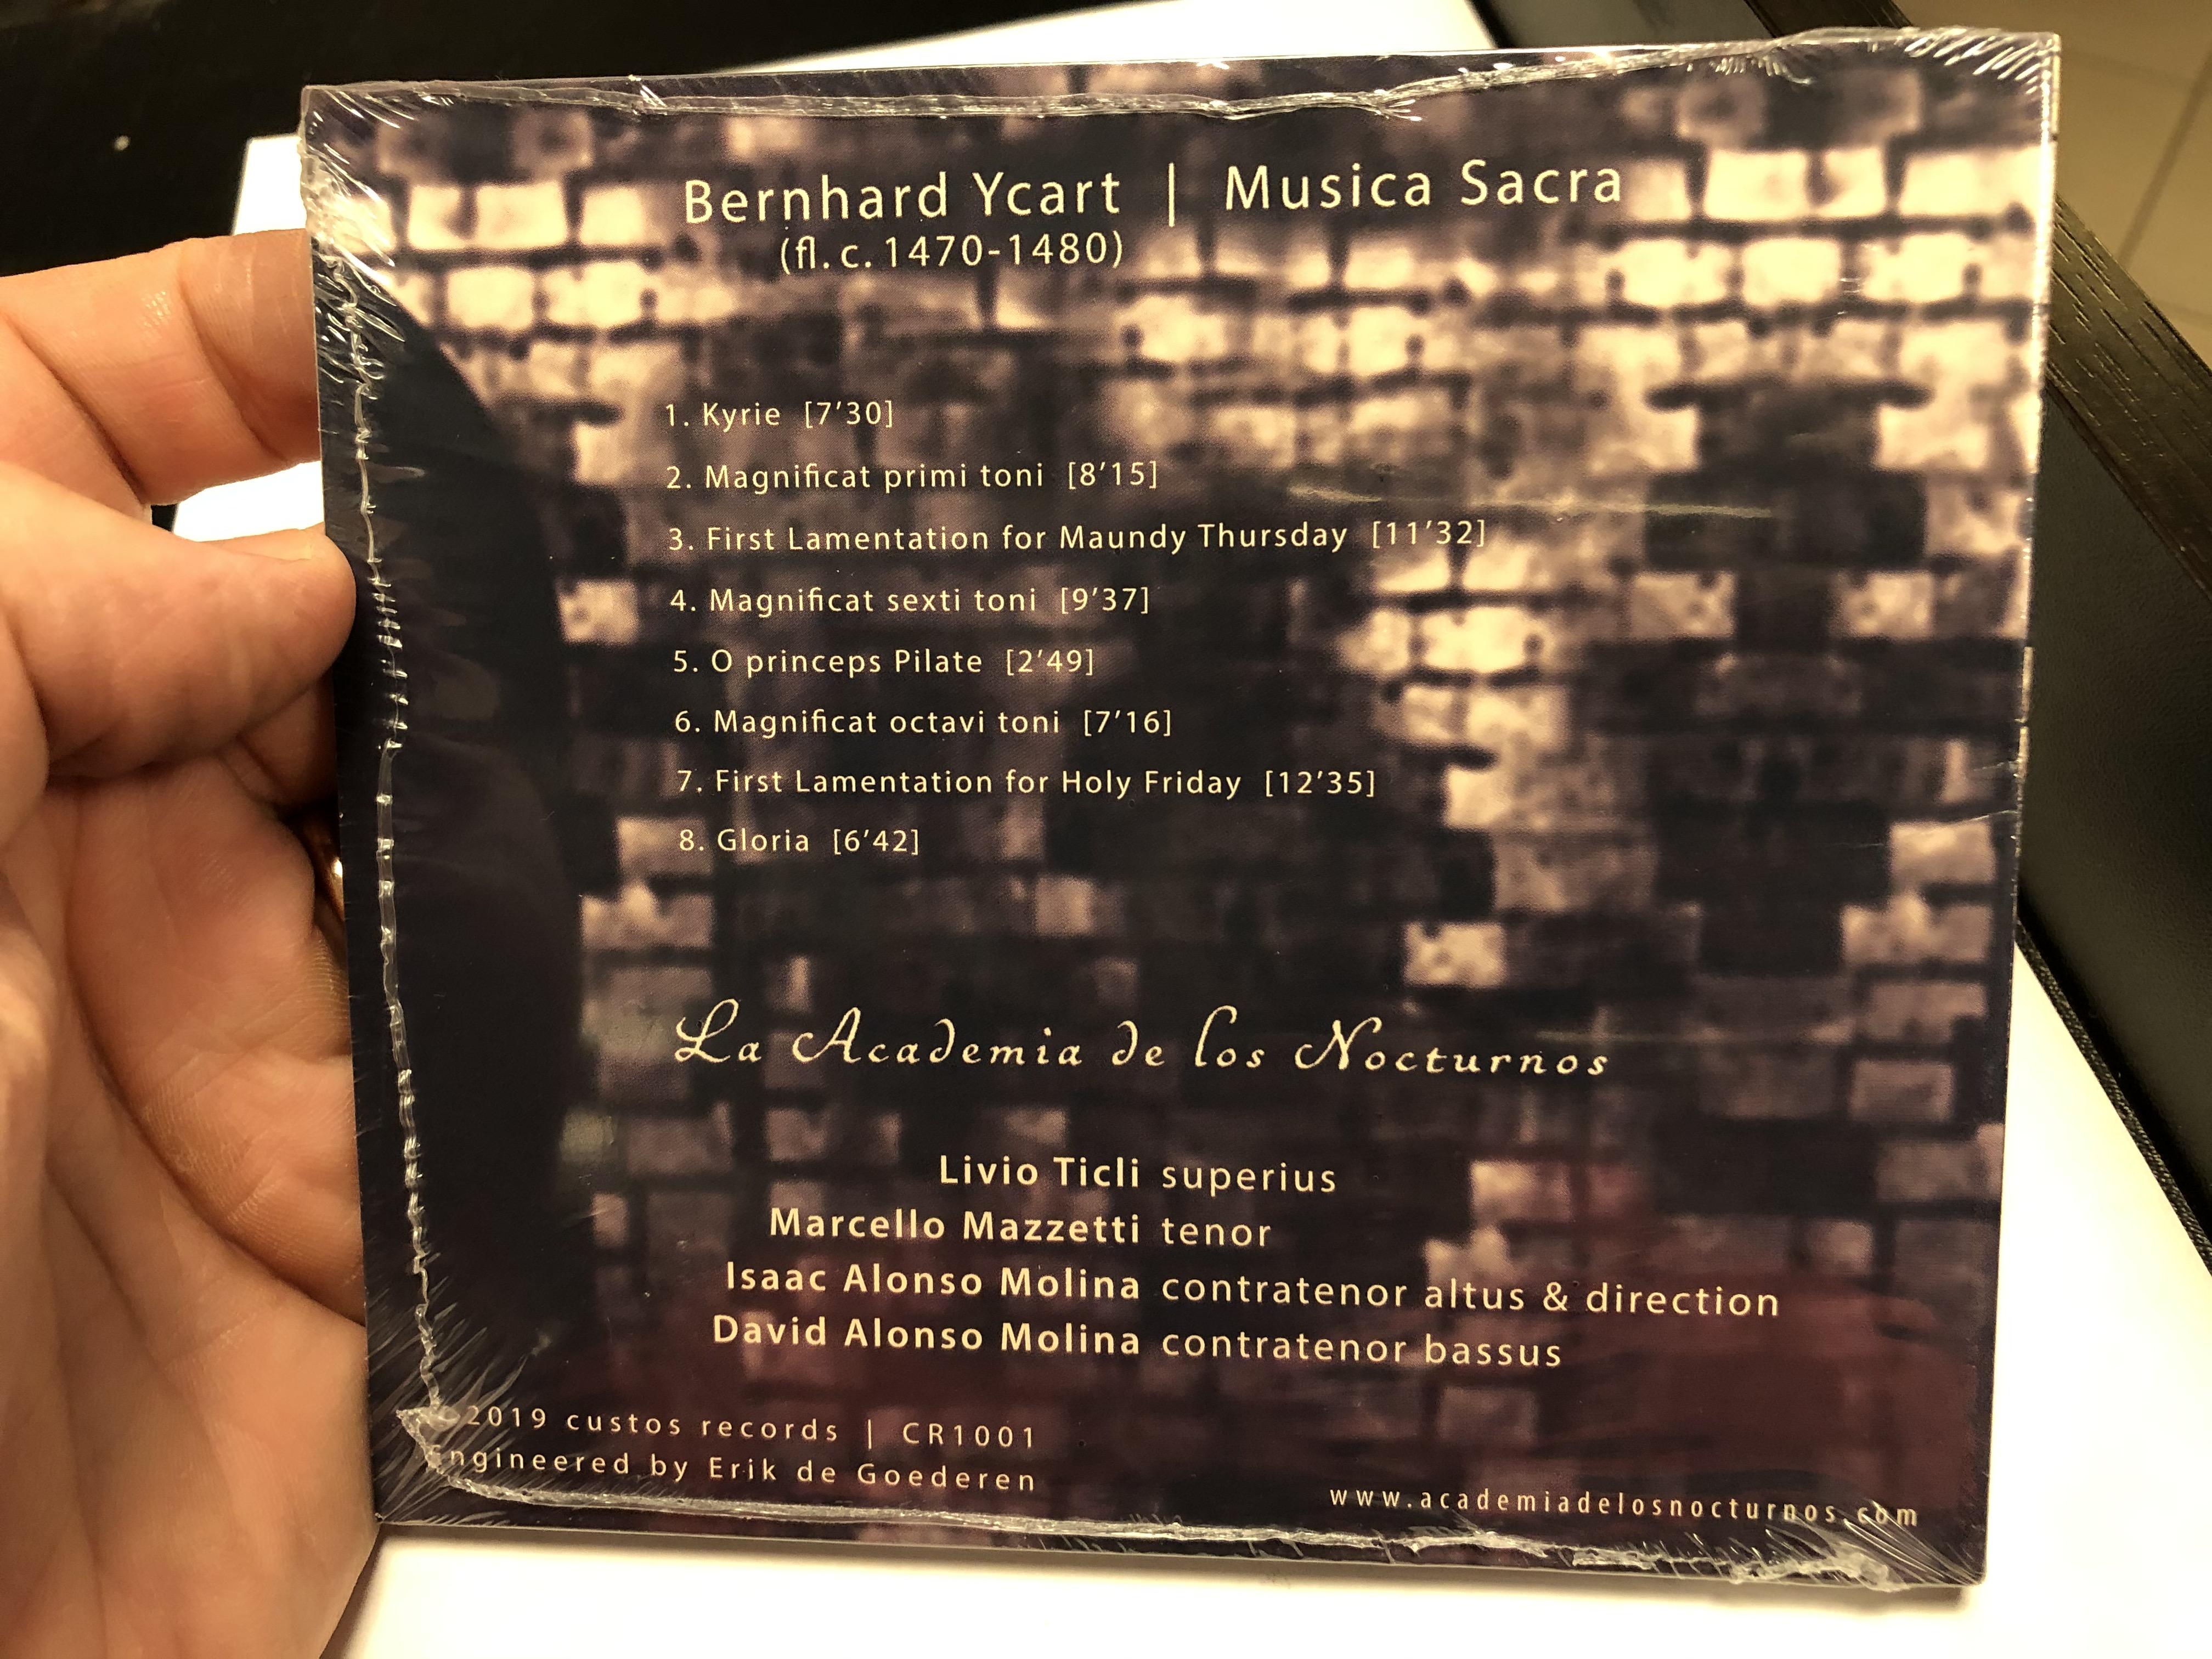 bernhard-ycart-musica-sacra-la-academia-de-los-nocturnos-custos-records-audio-cd-2019-cr1001-2-.jpg